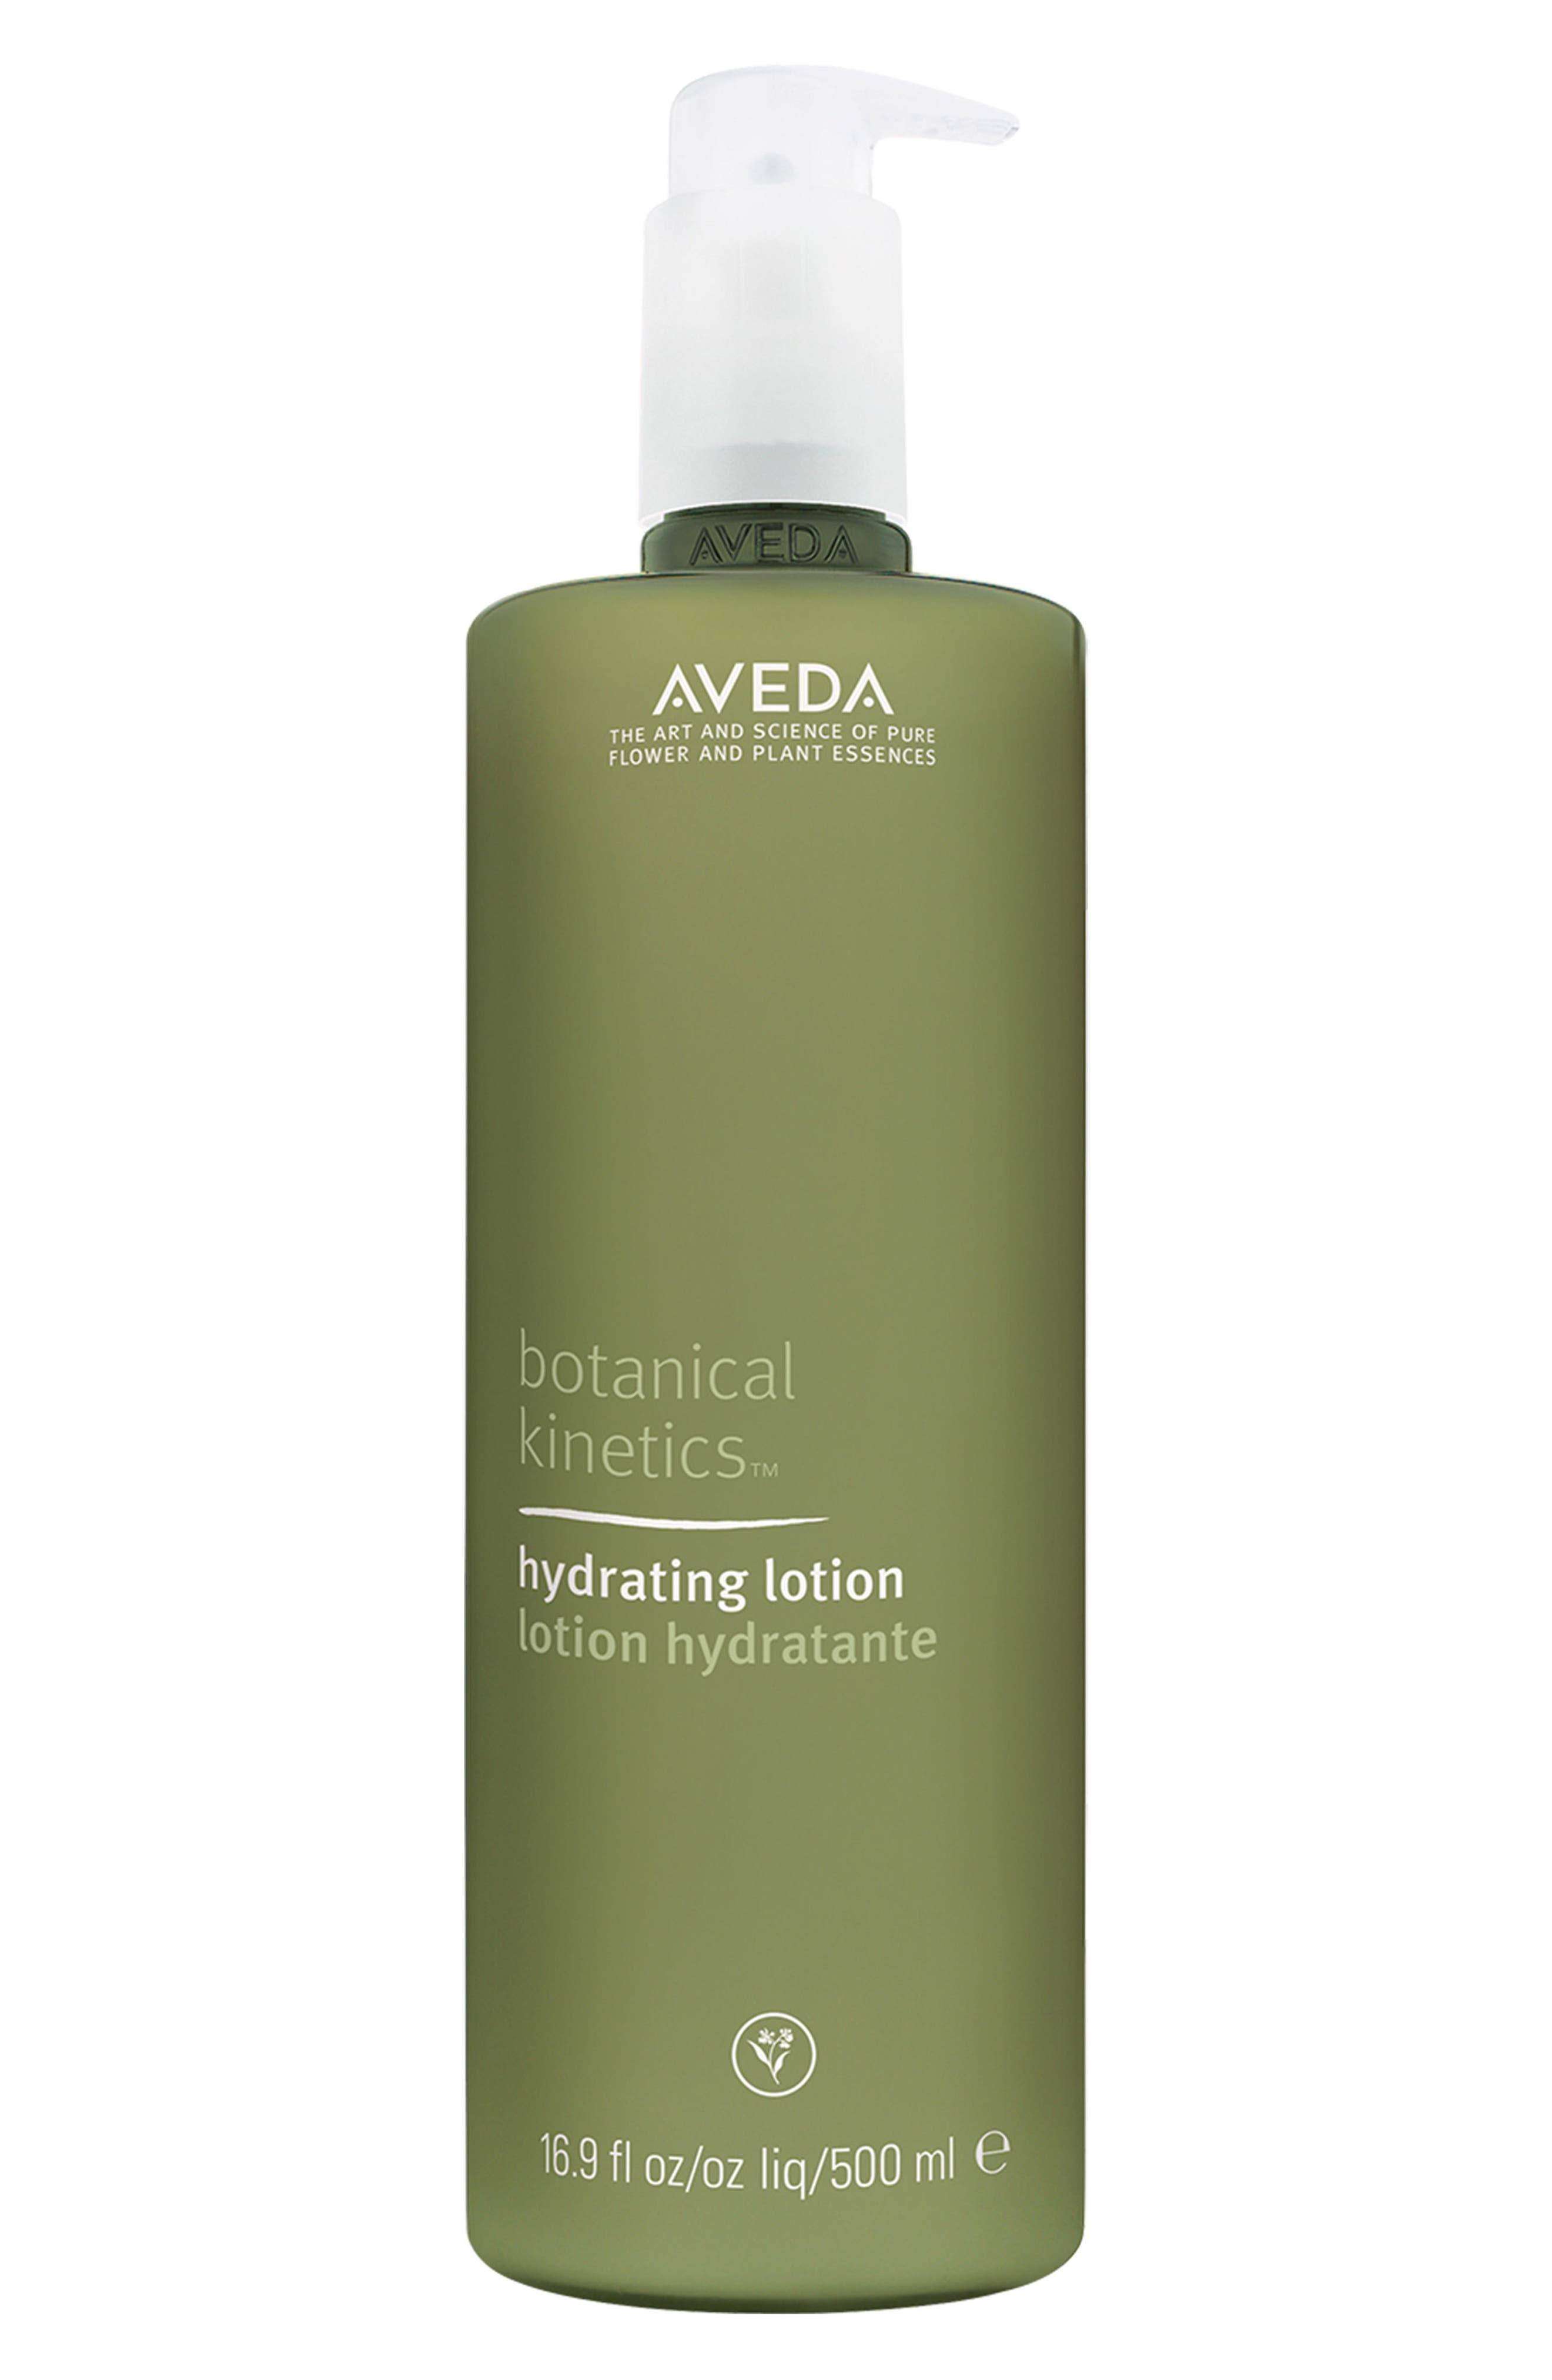 Main Image - Aveda 'botanical kinetics™' Hydrating Lotion